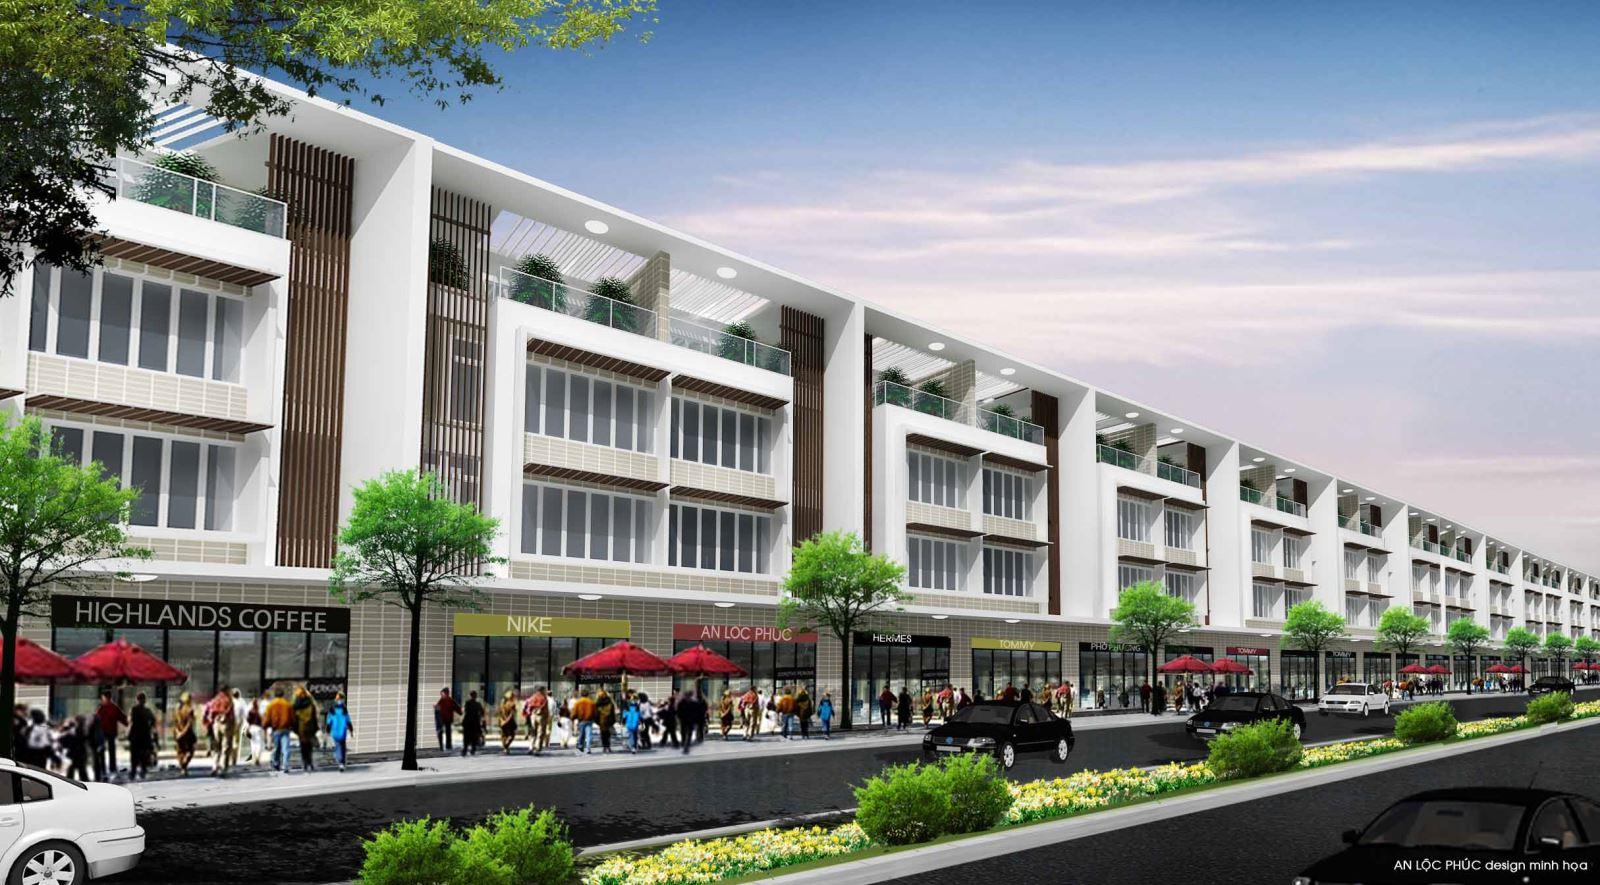 Mẫu hợp đồng mua bán căn hộ chung cư thương mại